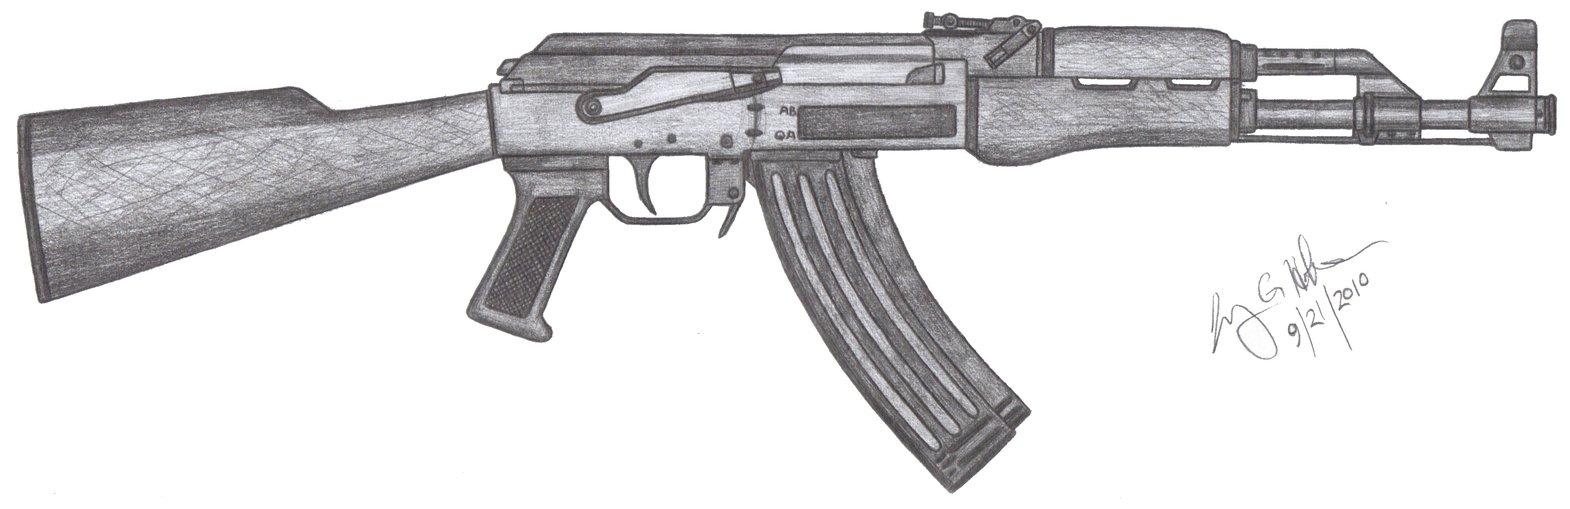 Drawn pistol ak47 40 CzechBiohazard ABiator by kalashnikov